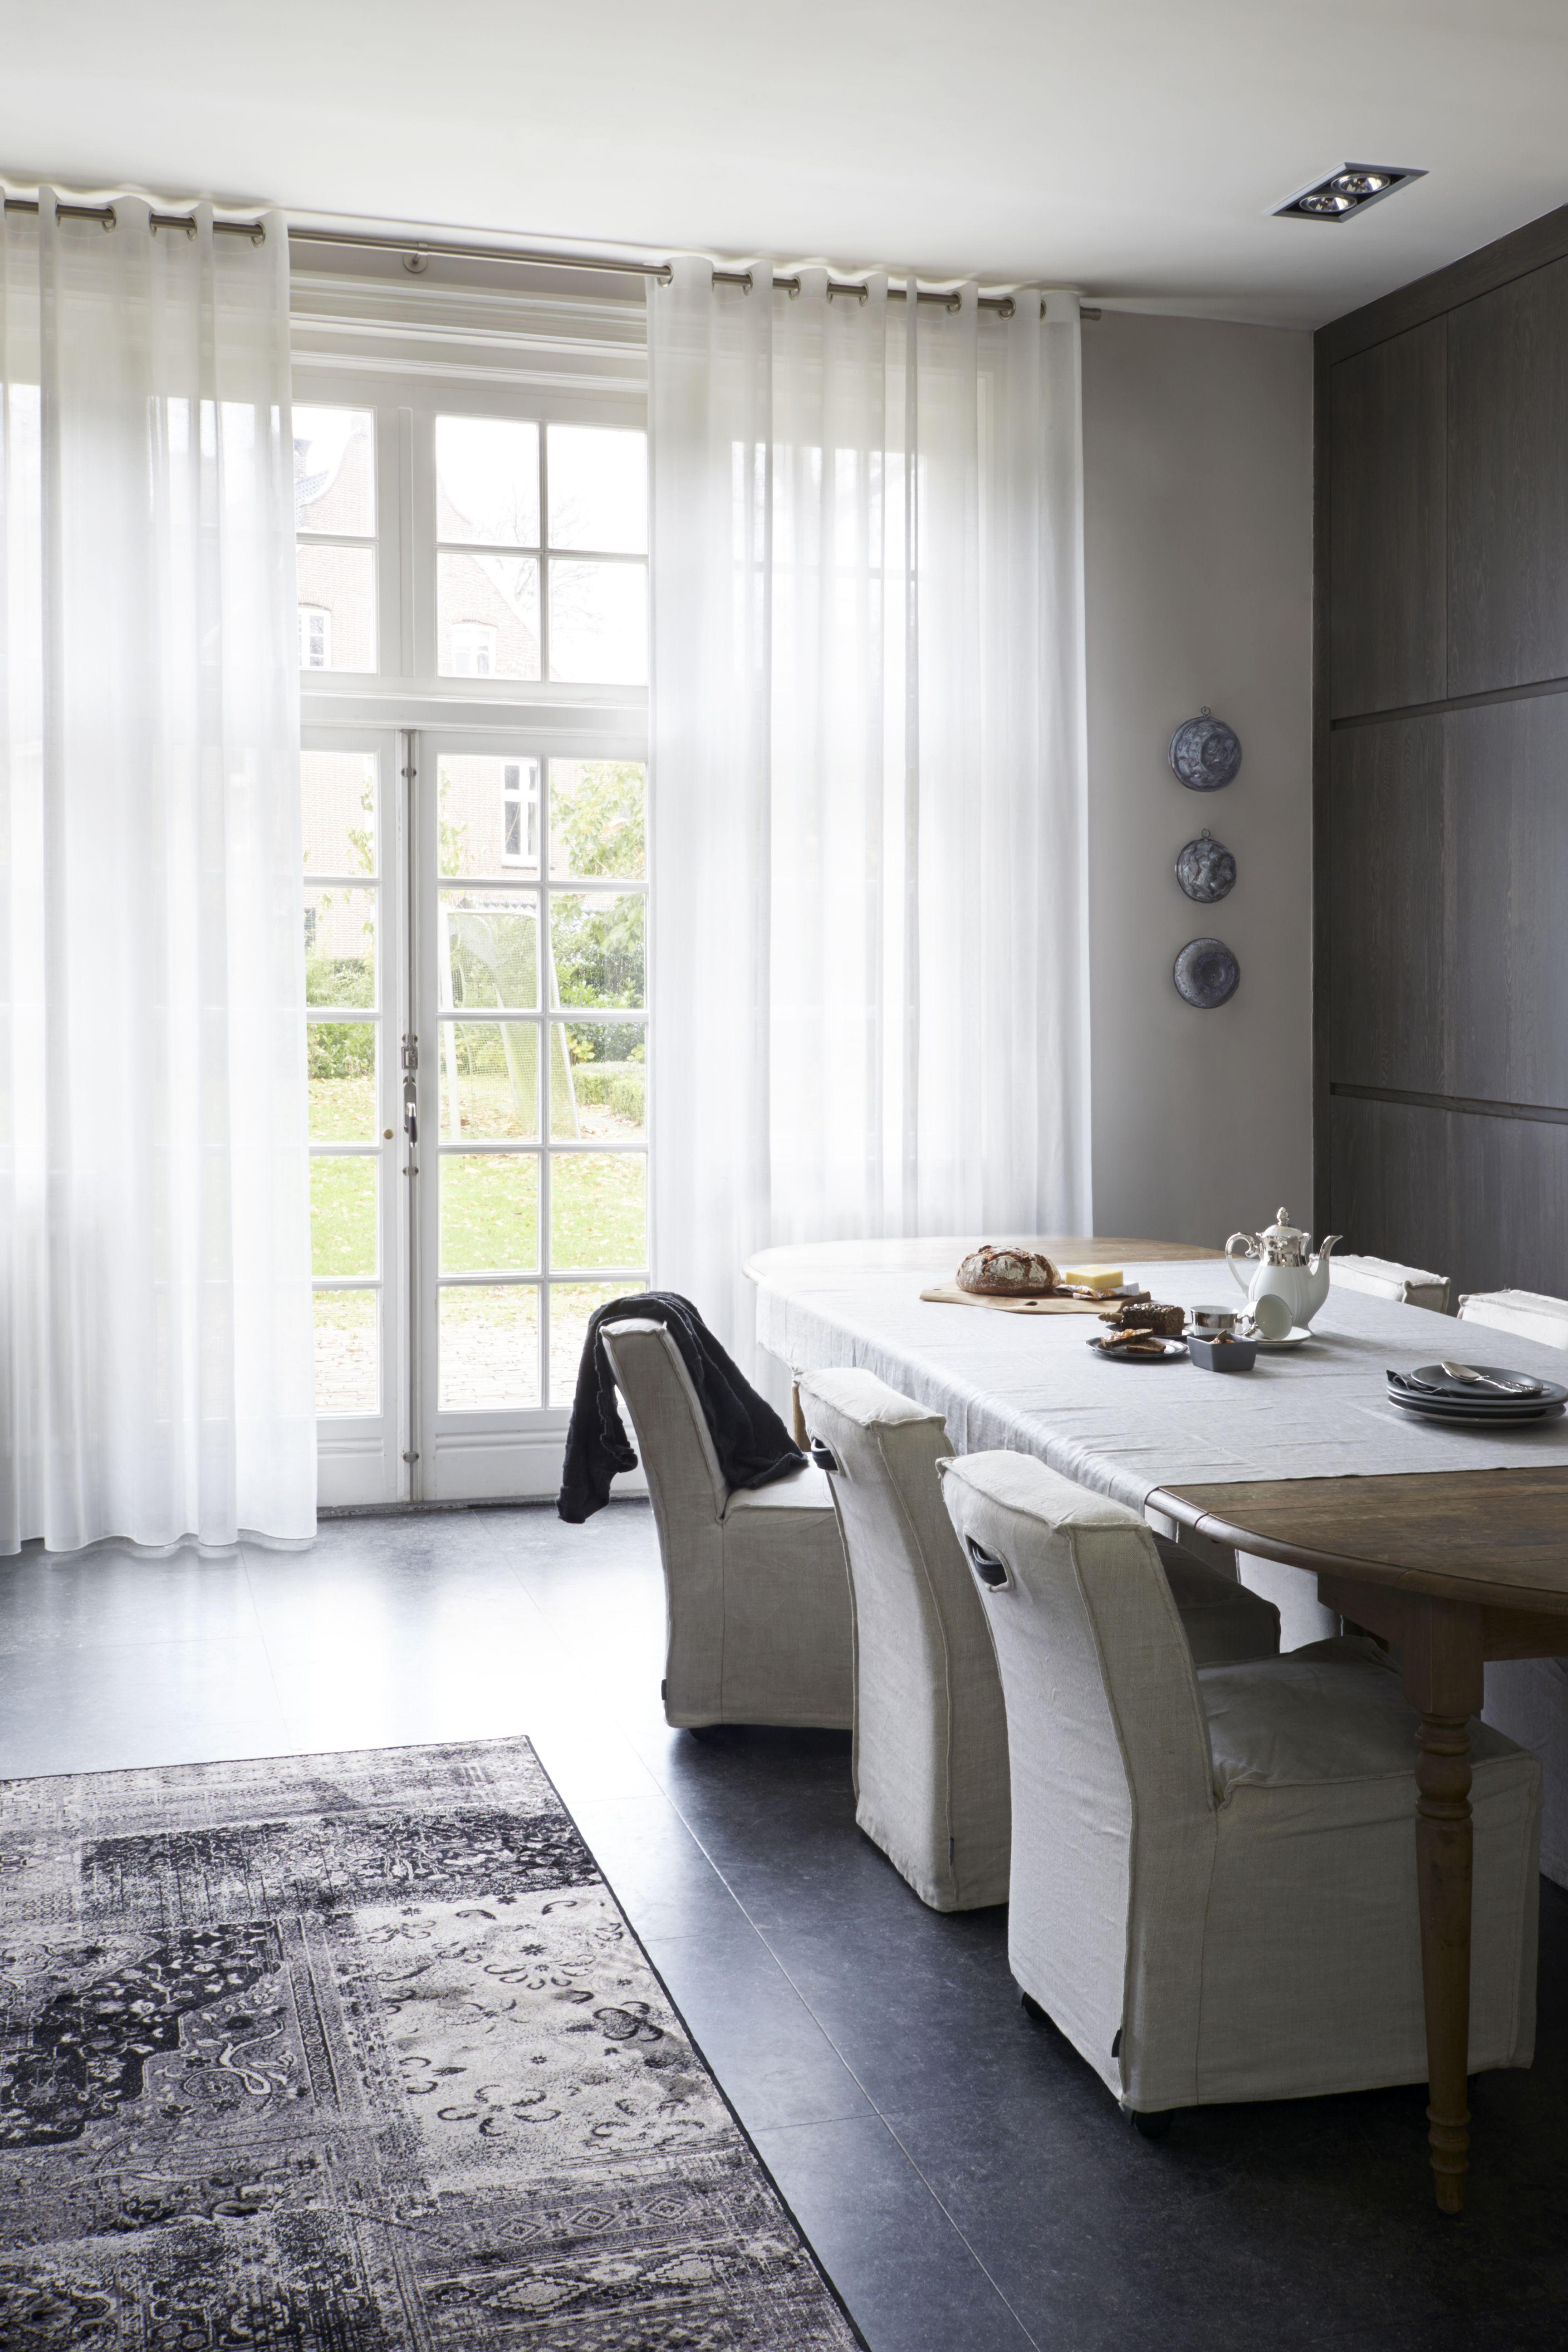 Inspiratie Gordijnen Woonkamer : Gordijnen woonkamer in between inbetween gordijnen en vitrages